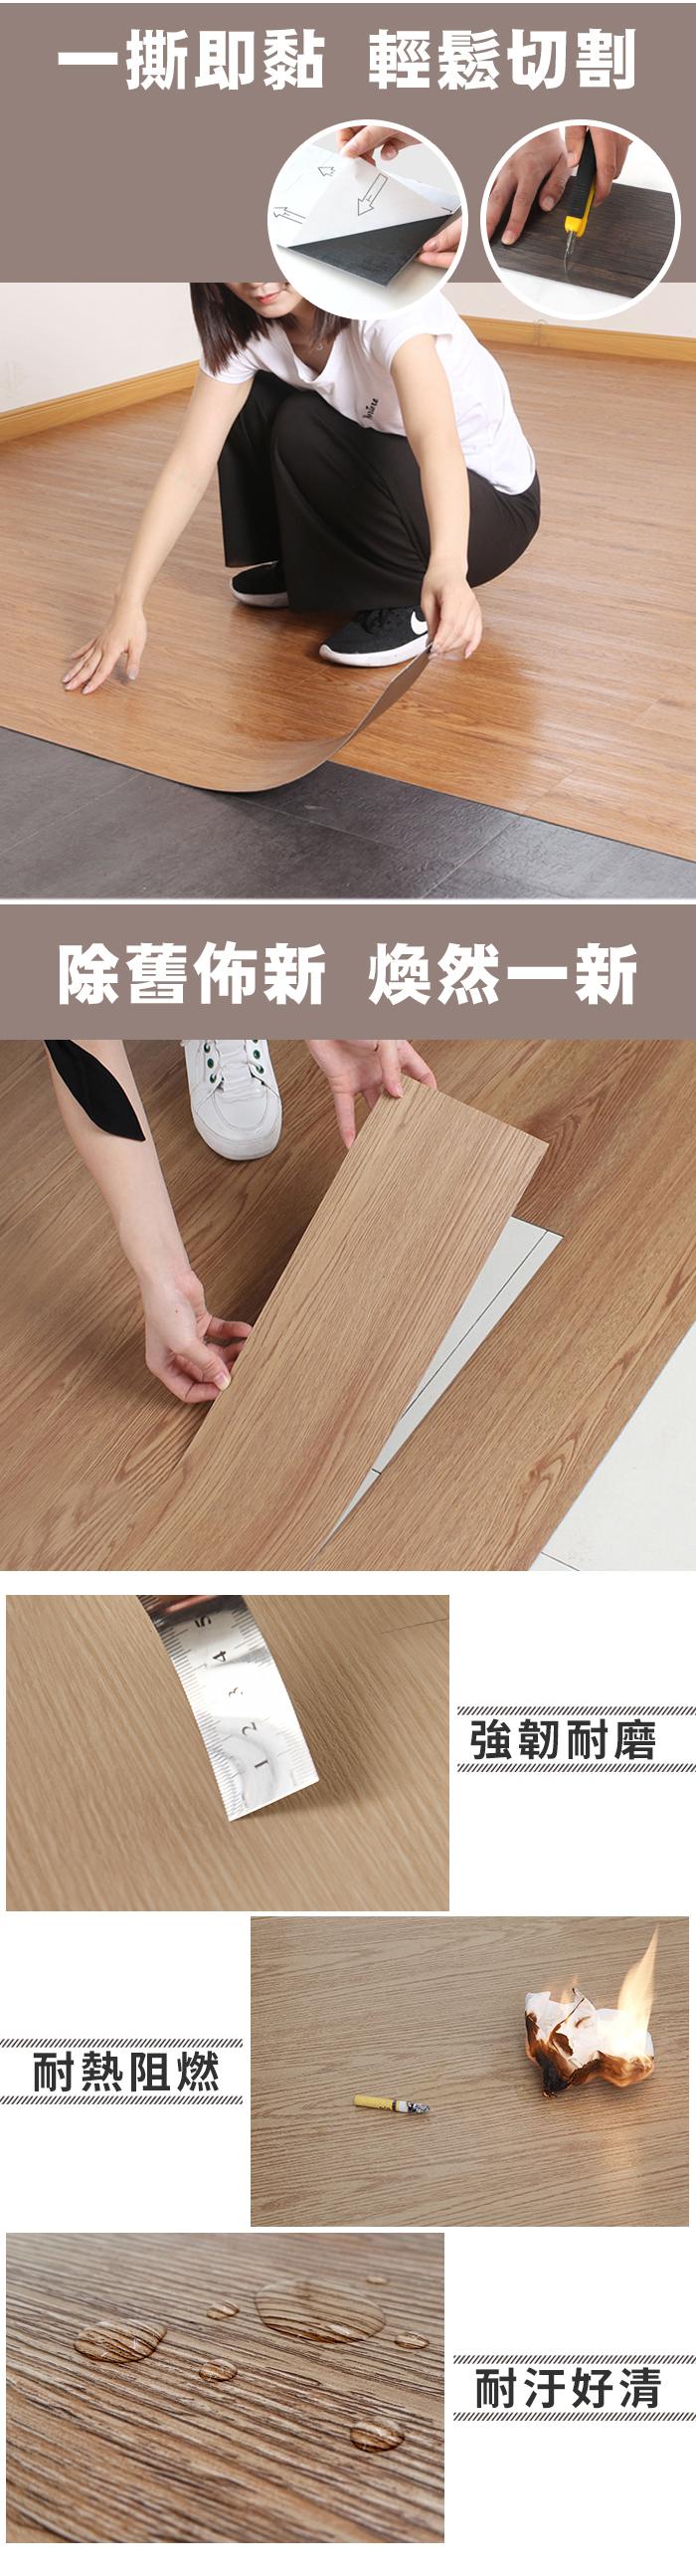 20200330_特厚自黏式PVC木紋地板 – 網站標題